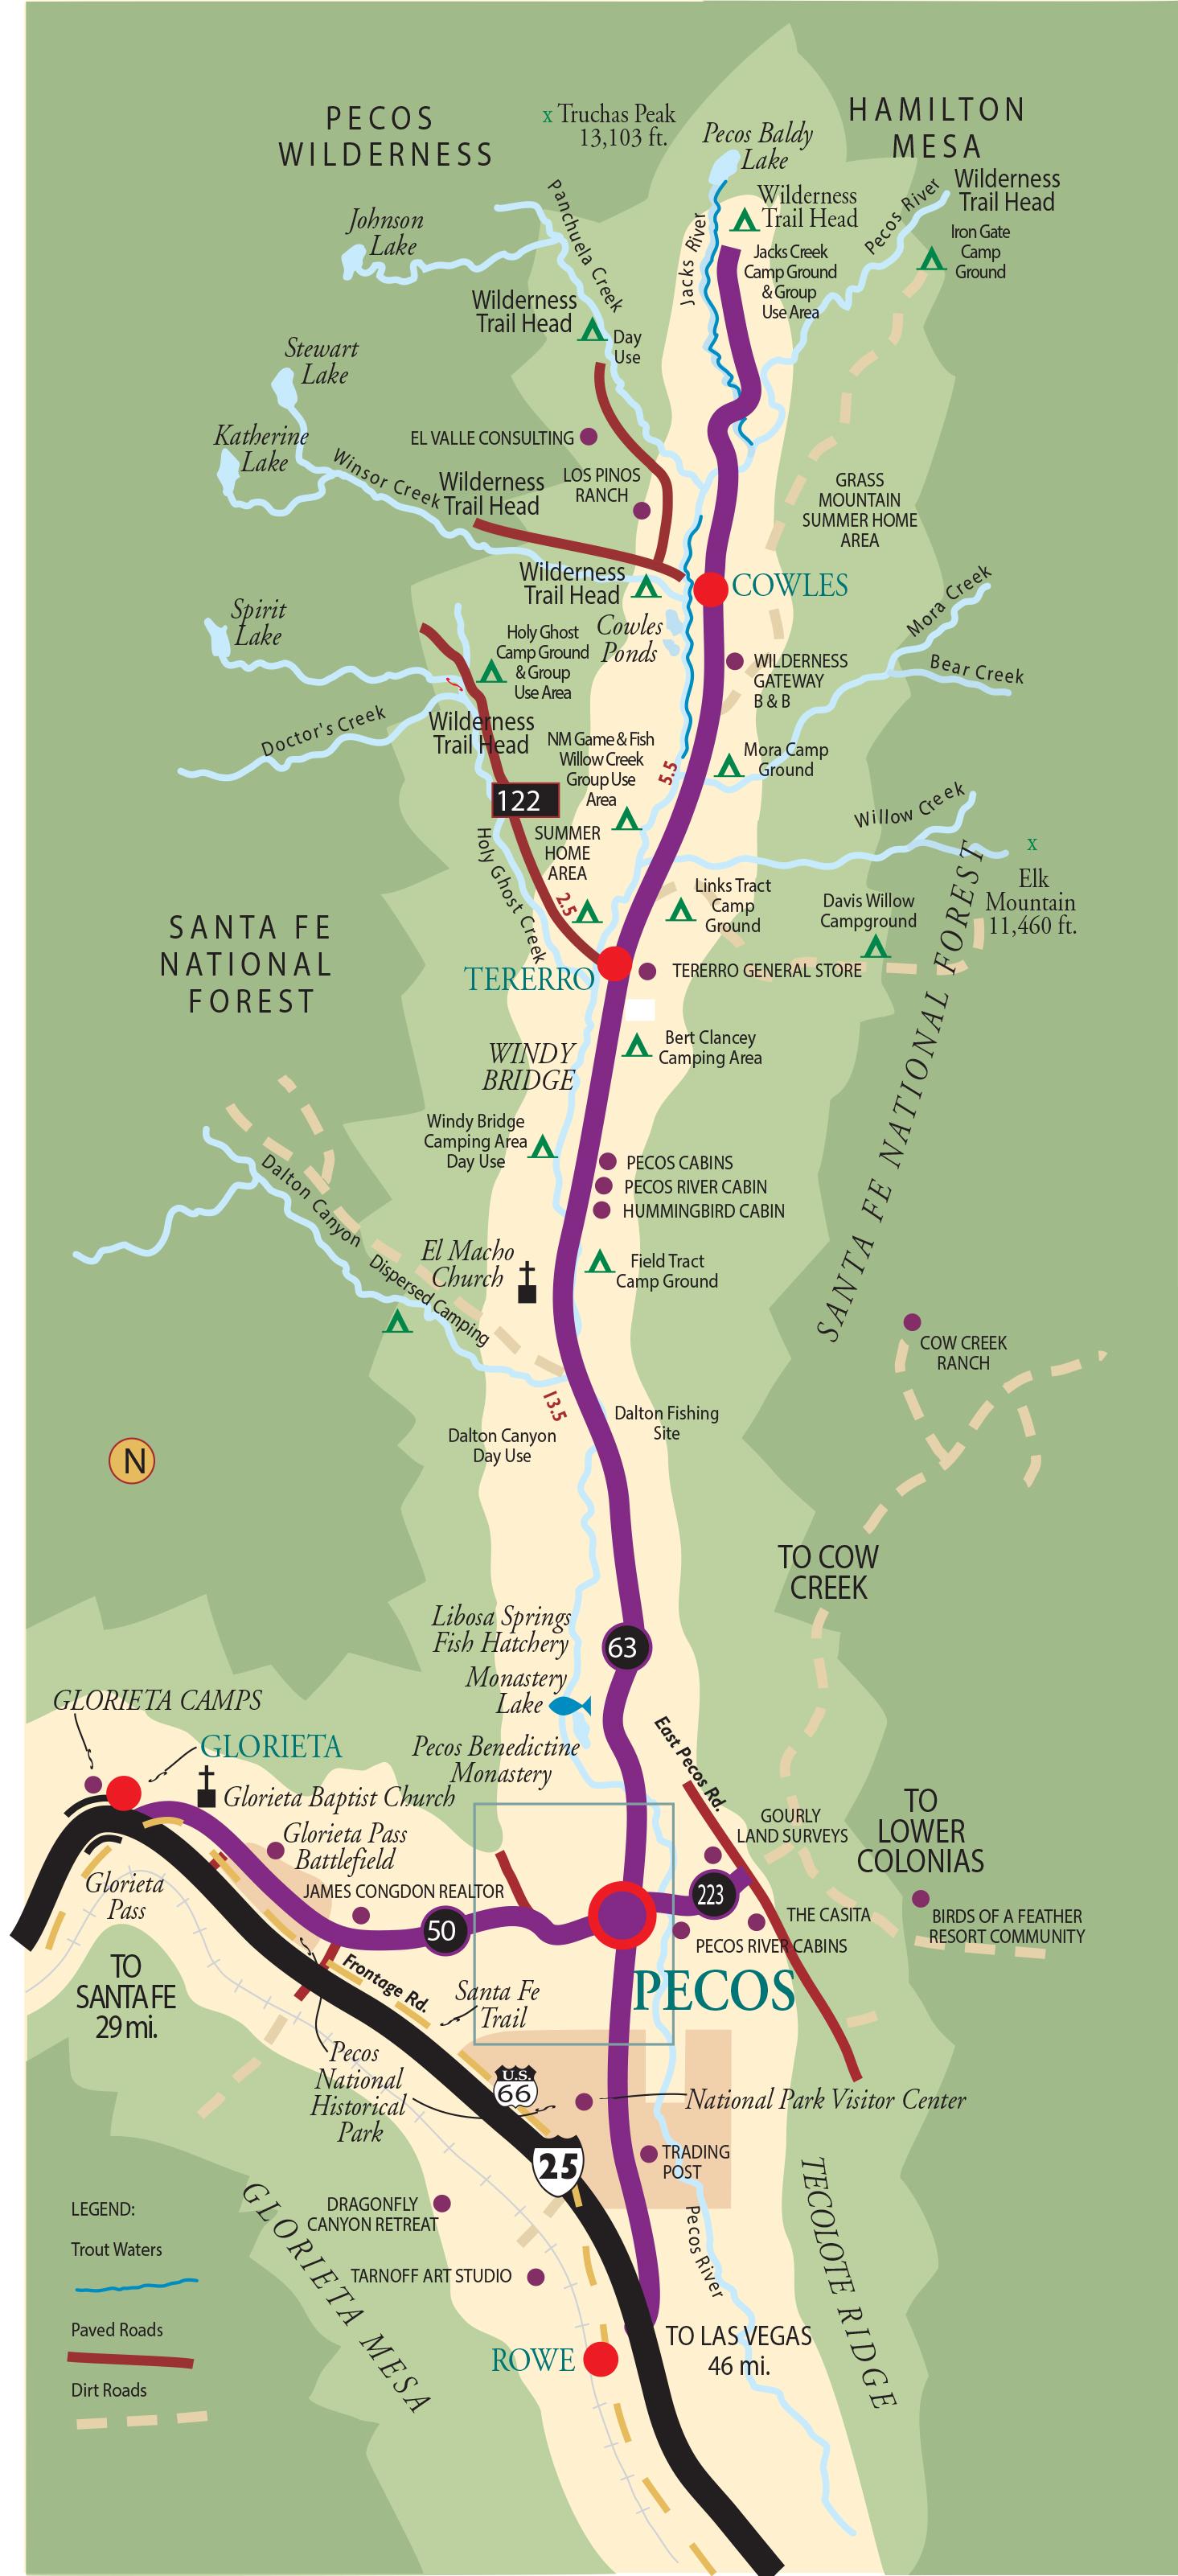 Pecos Maps on